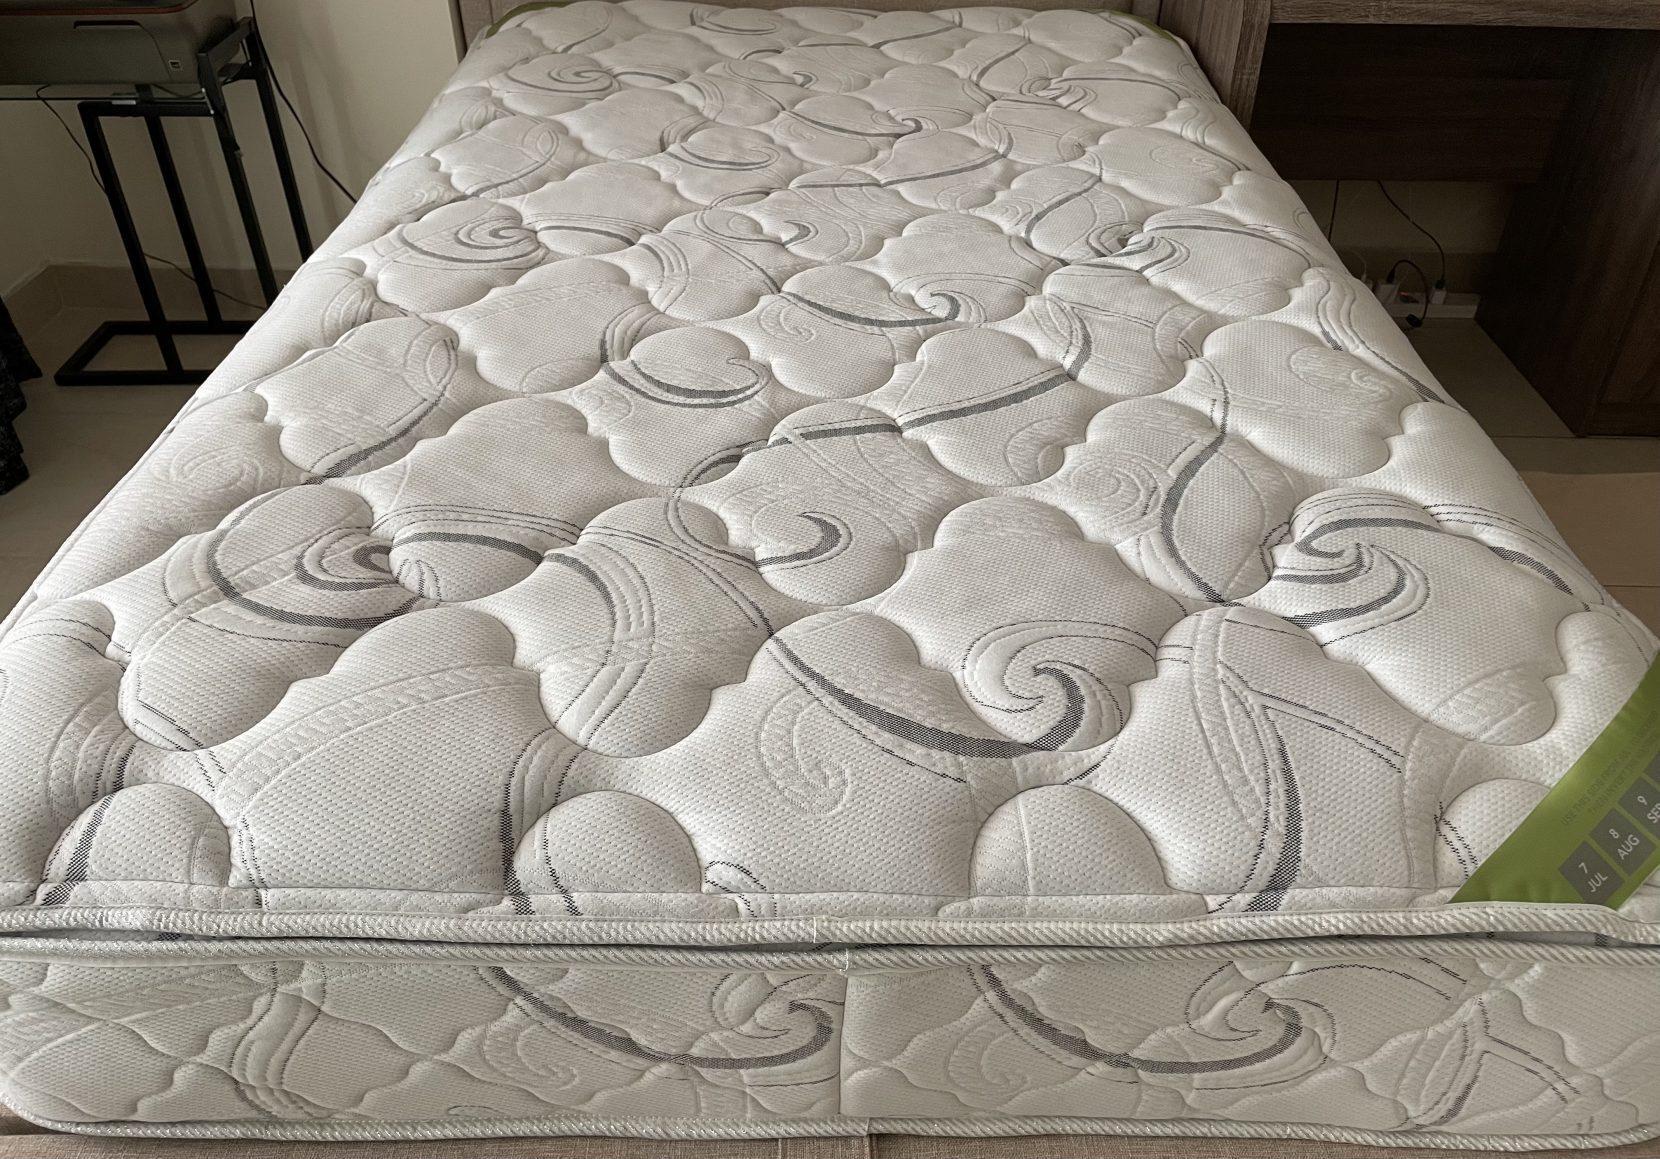 Homecentre Royal comfort mattress